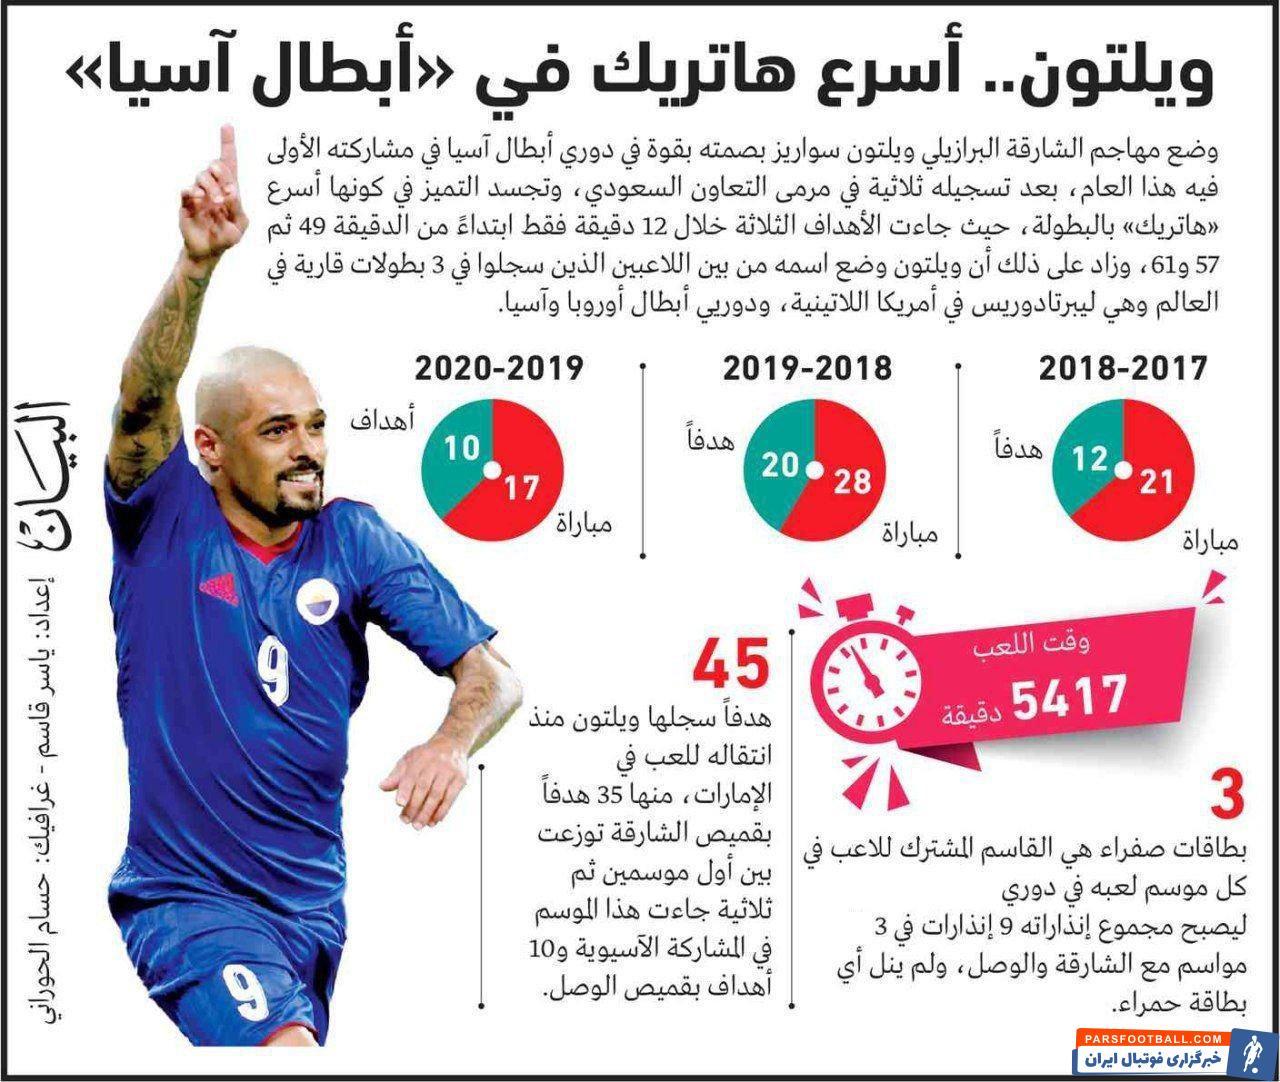 برد ۶-۰ از نتایج درخشان تیم الشارجه بود که آن ها را به واسطه تفاضل گل بهتر در رتبه دوم جدول قرار داد و شانسشان برای صعود را بیشتر کرد.